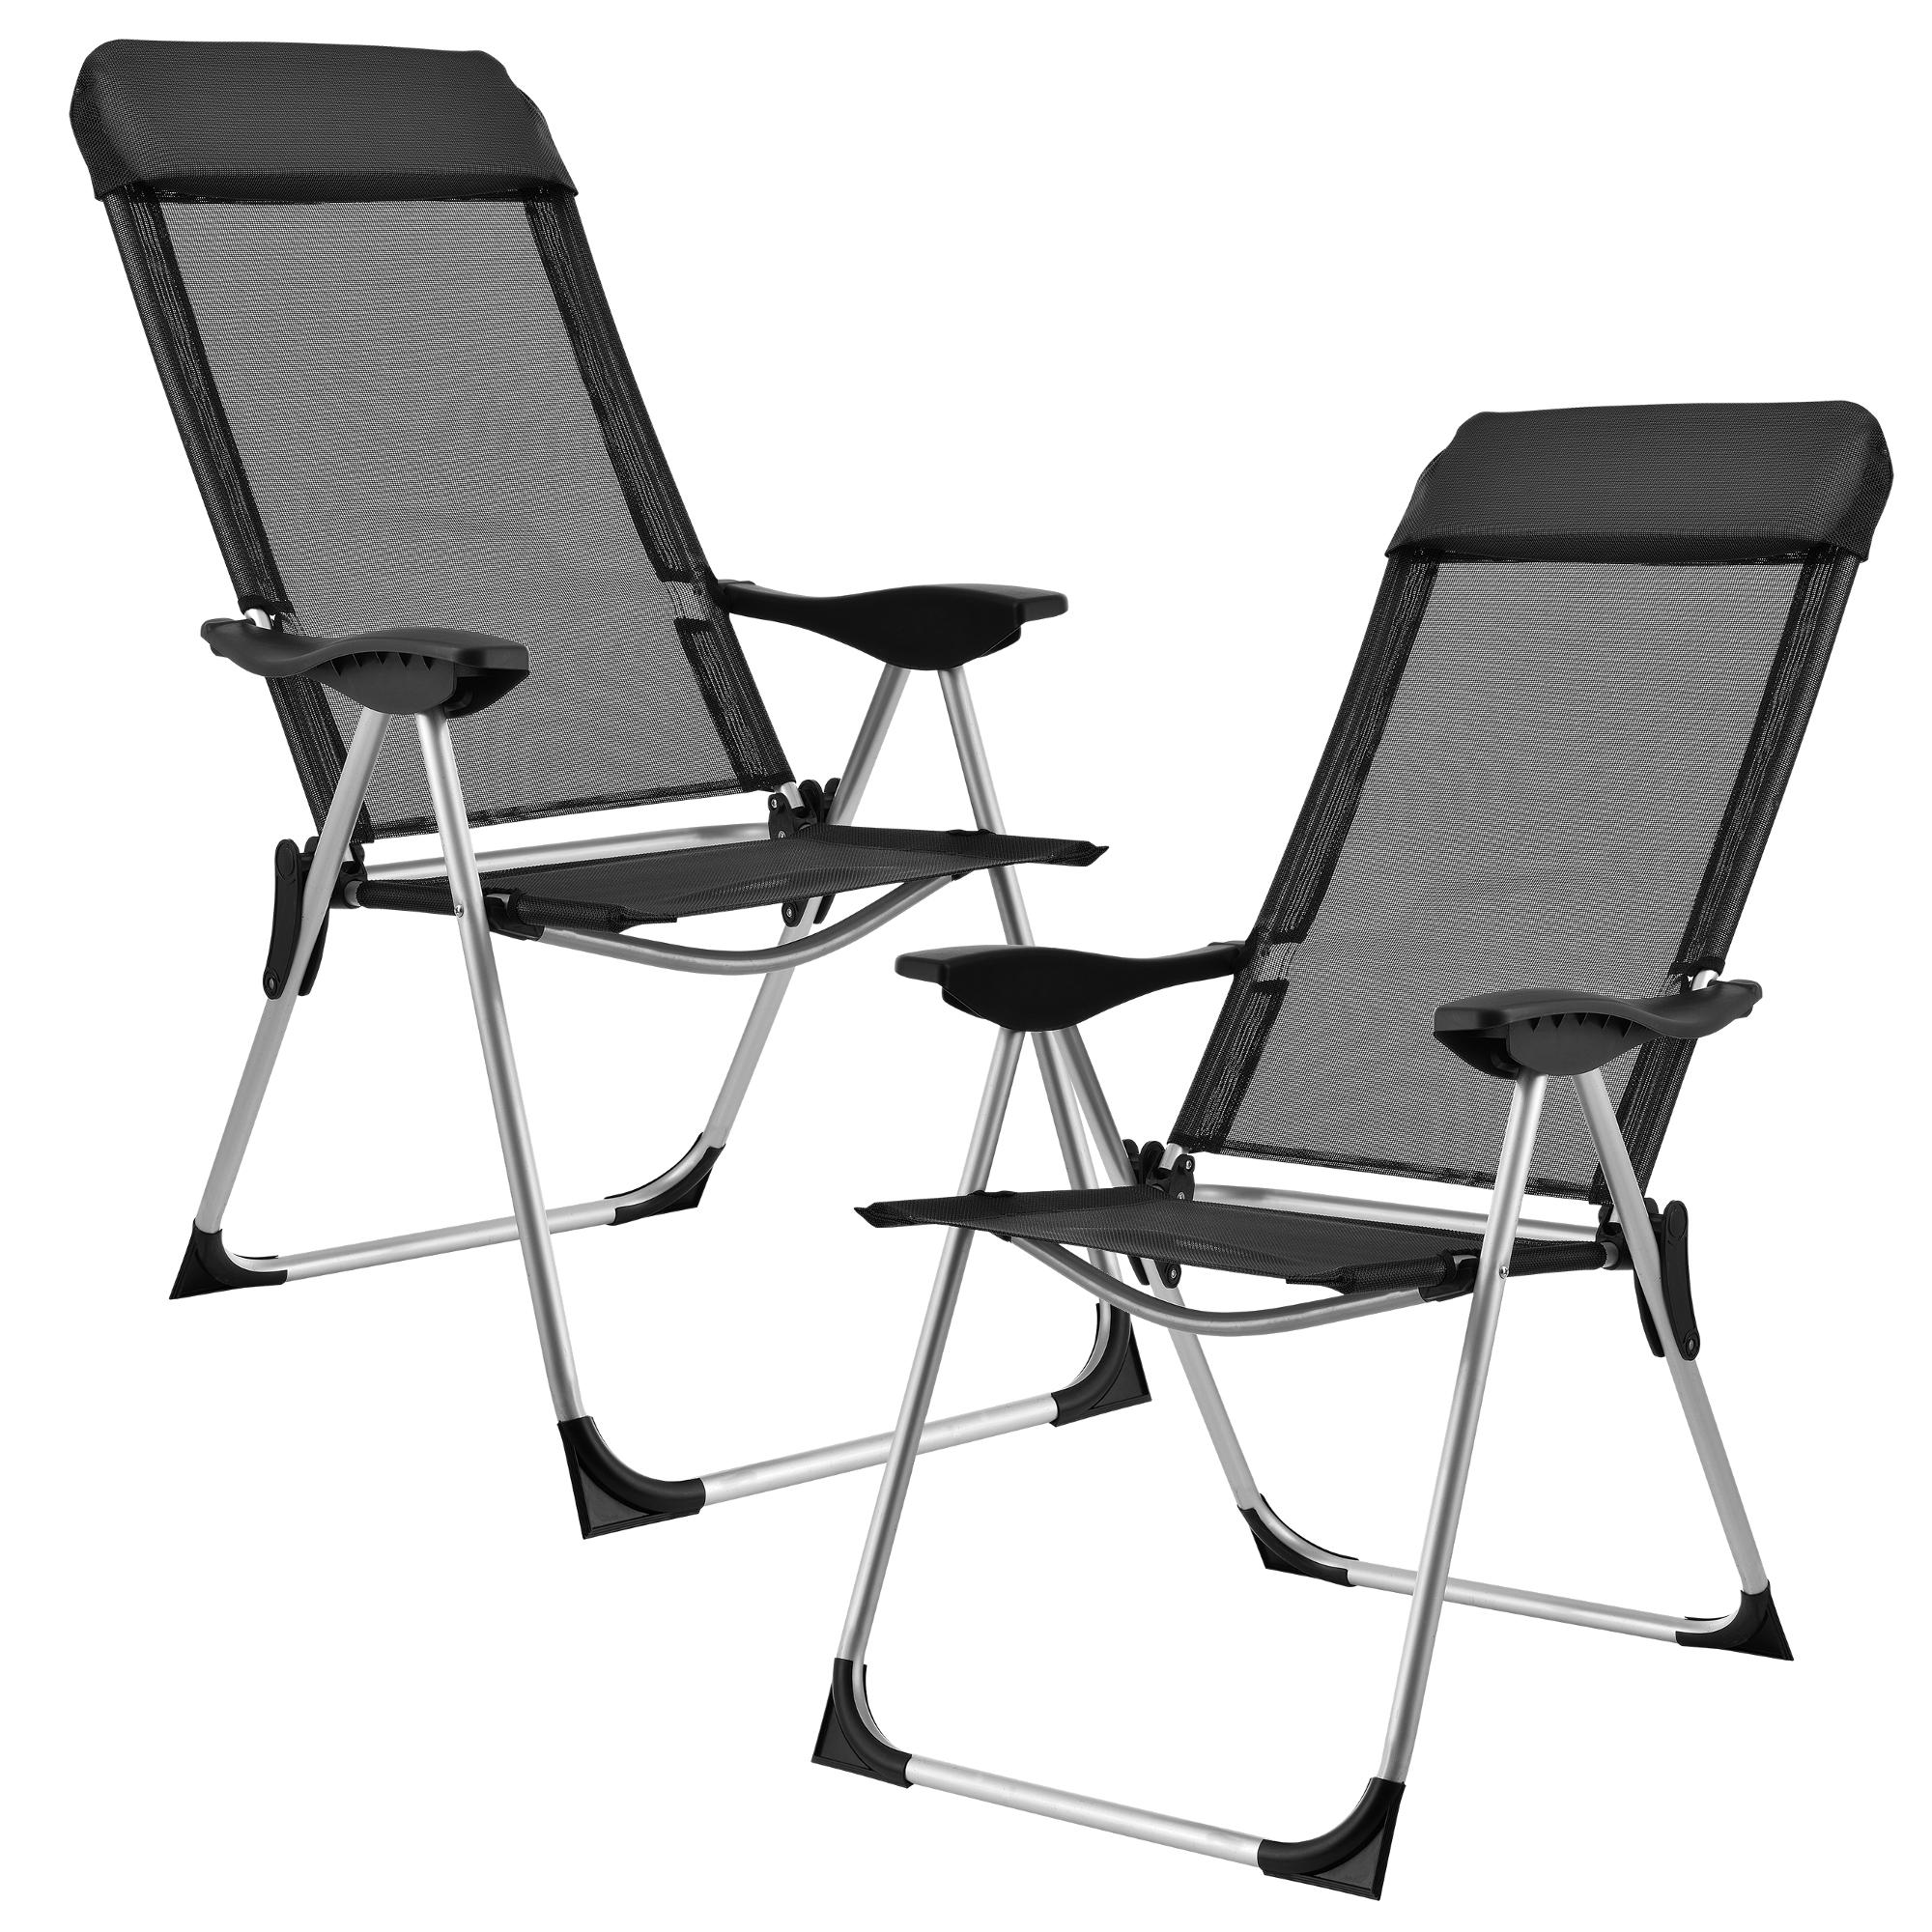 casa.pro]® Campingové židle - rybářské křeslo set,108 x 58 cm,43 cm,černá